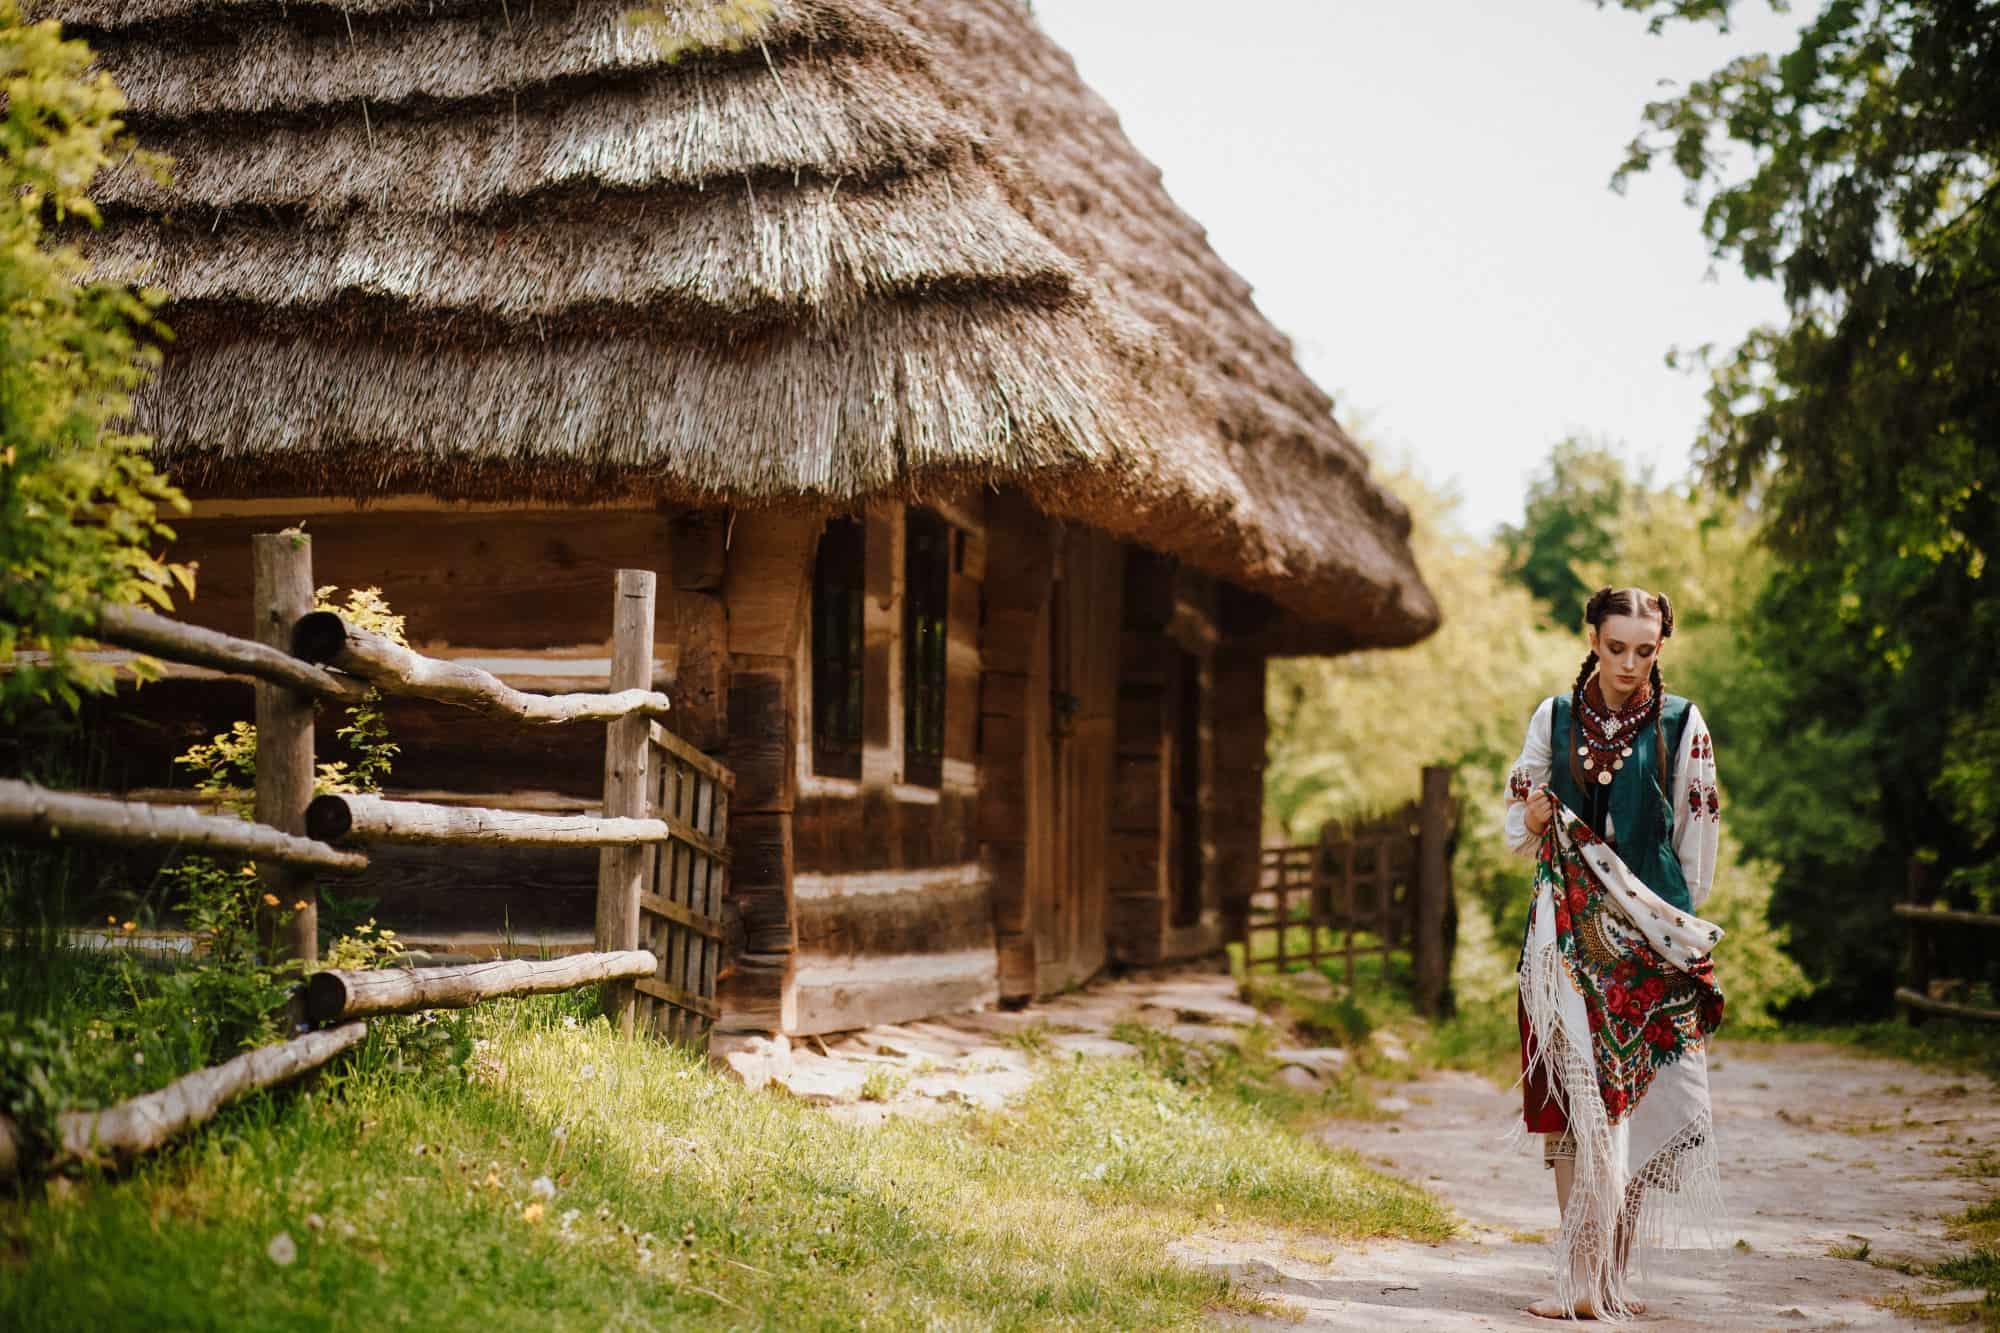 Каким был крестьянский быт в глухих селах на самом деле